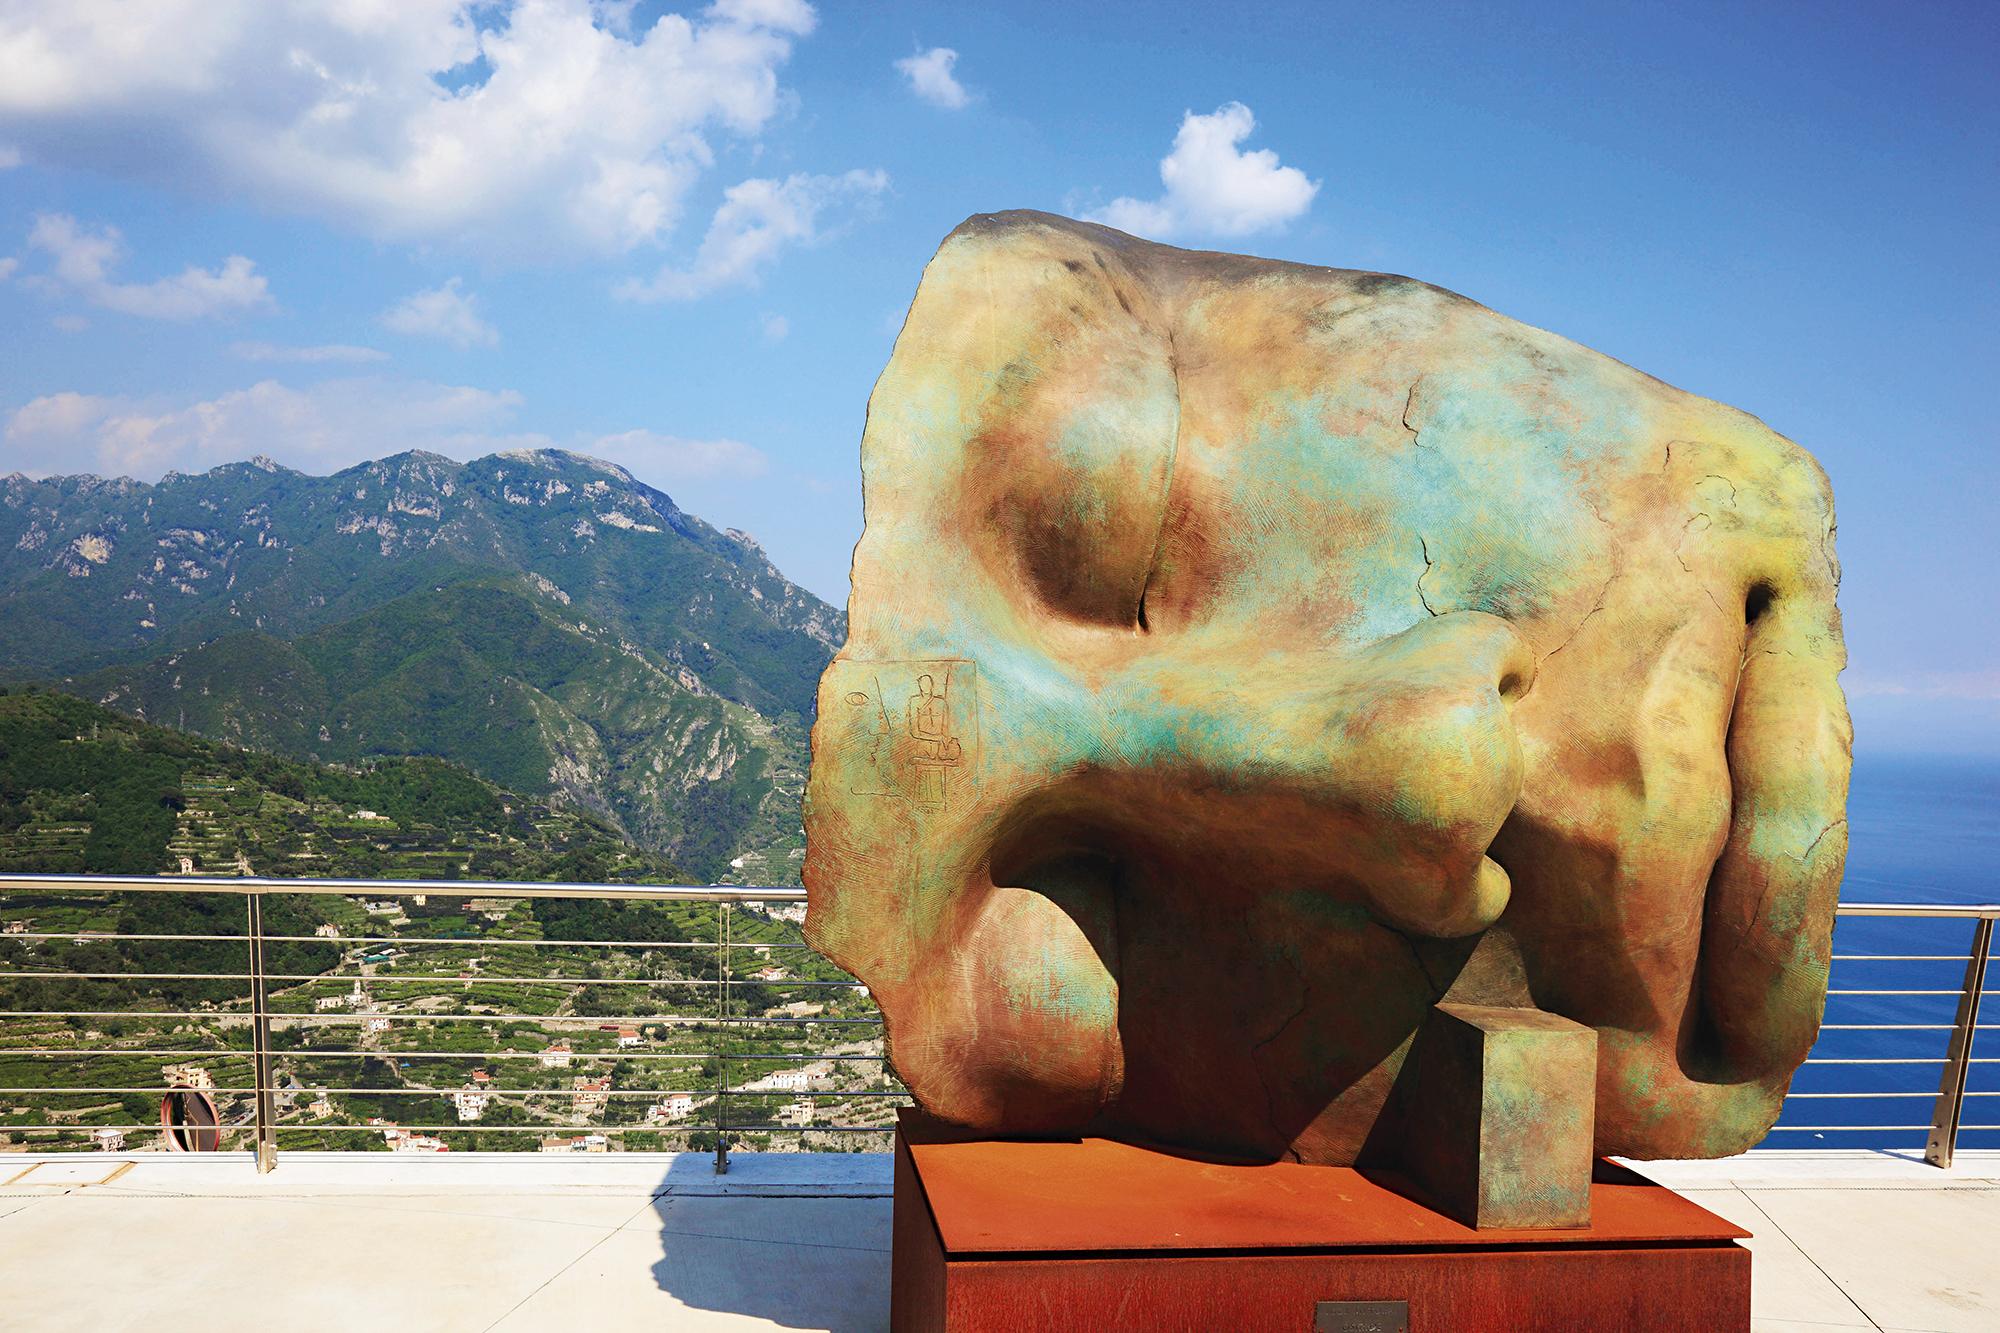 Escultura de Igor Mitoraj, em Ravello, Costa Amalfitana, Itália